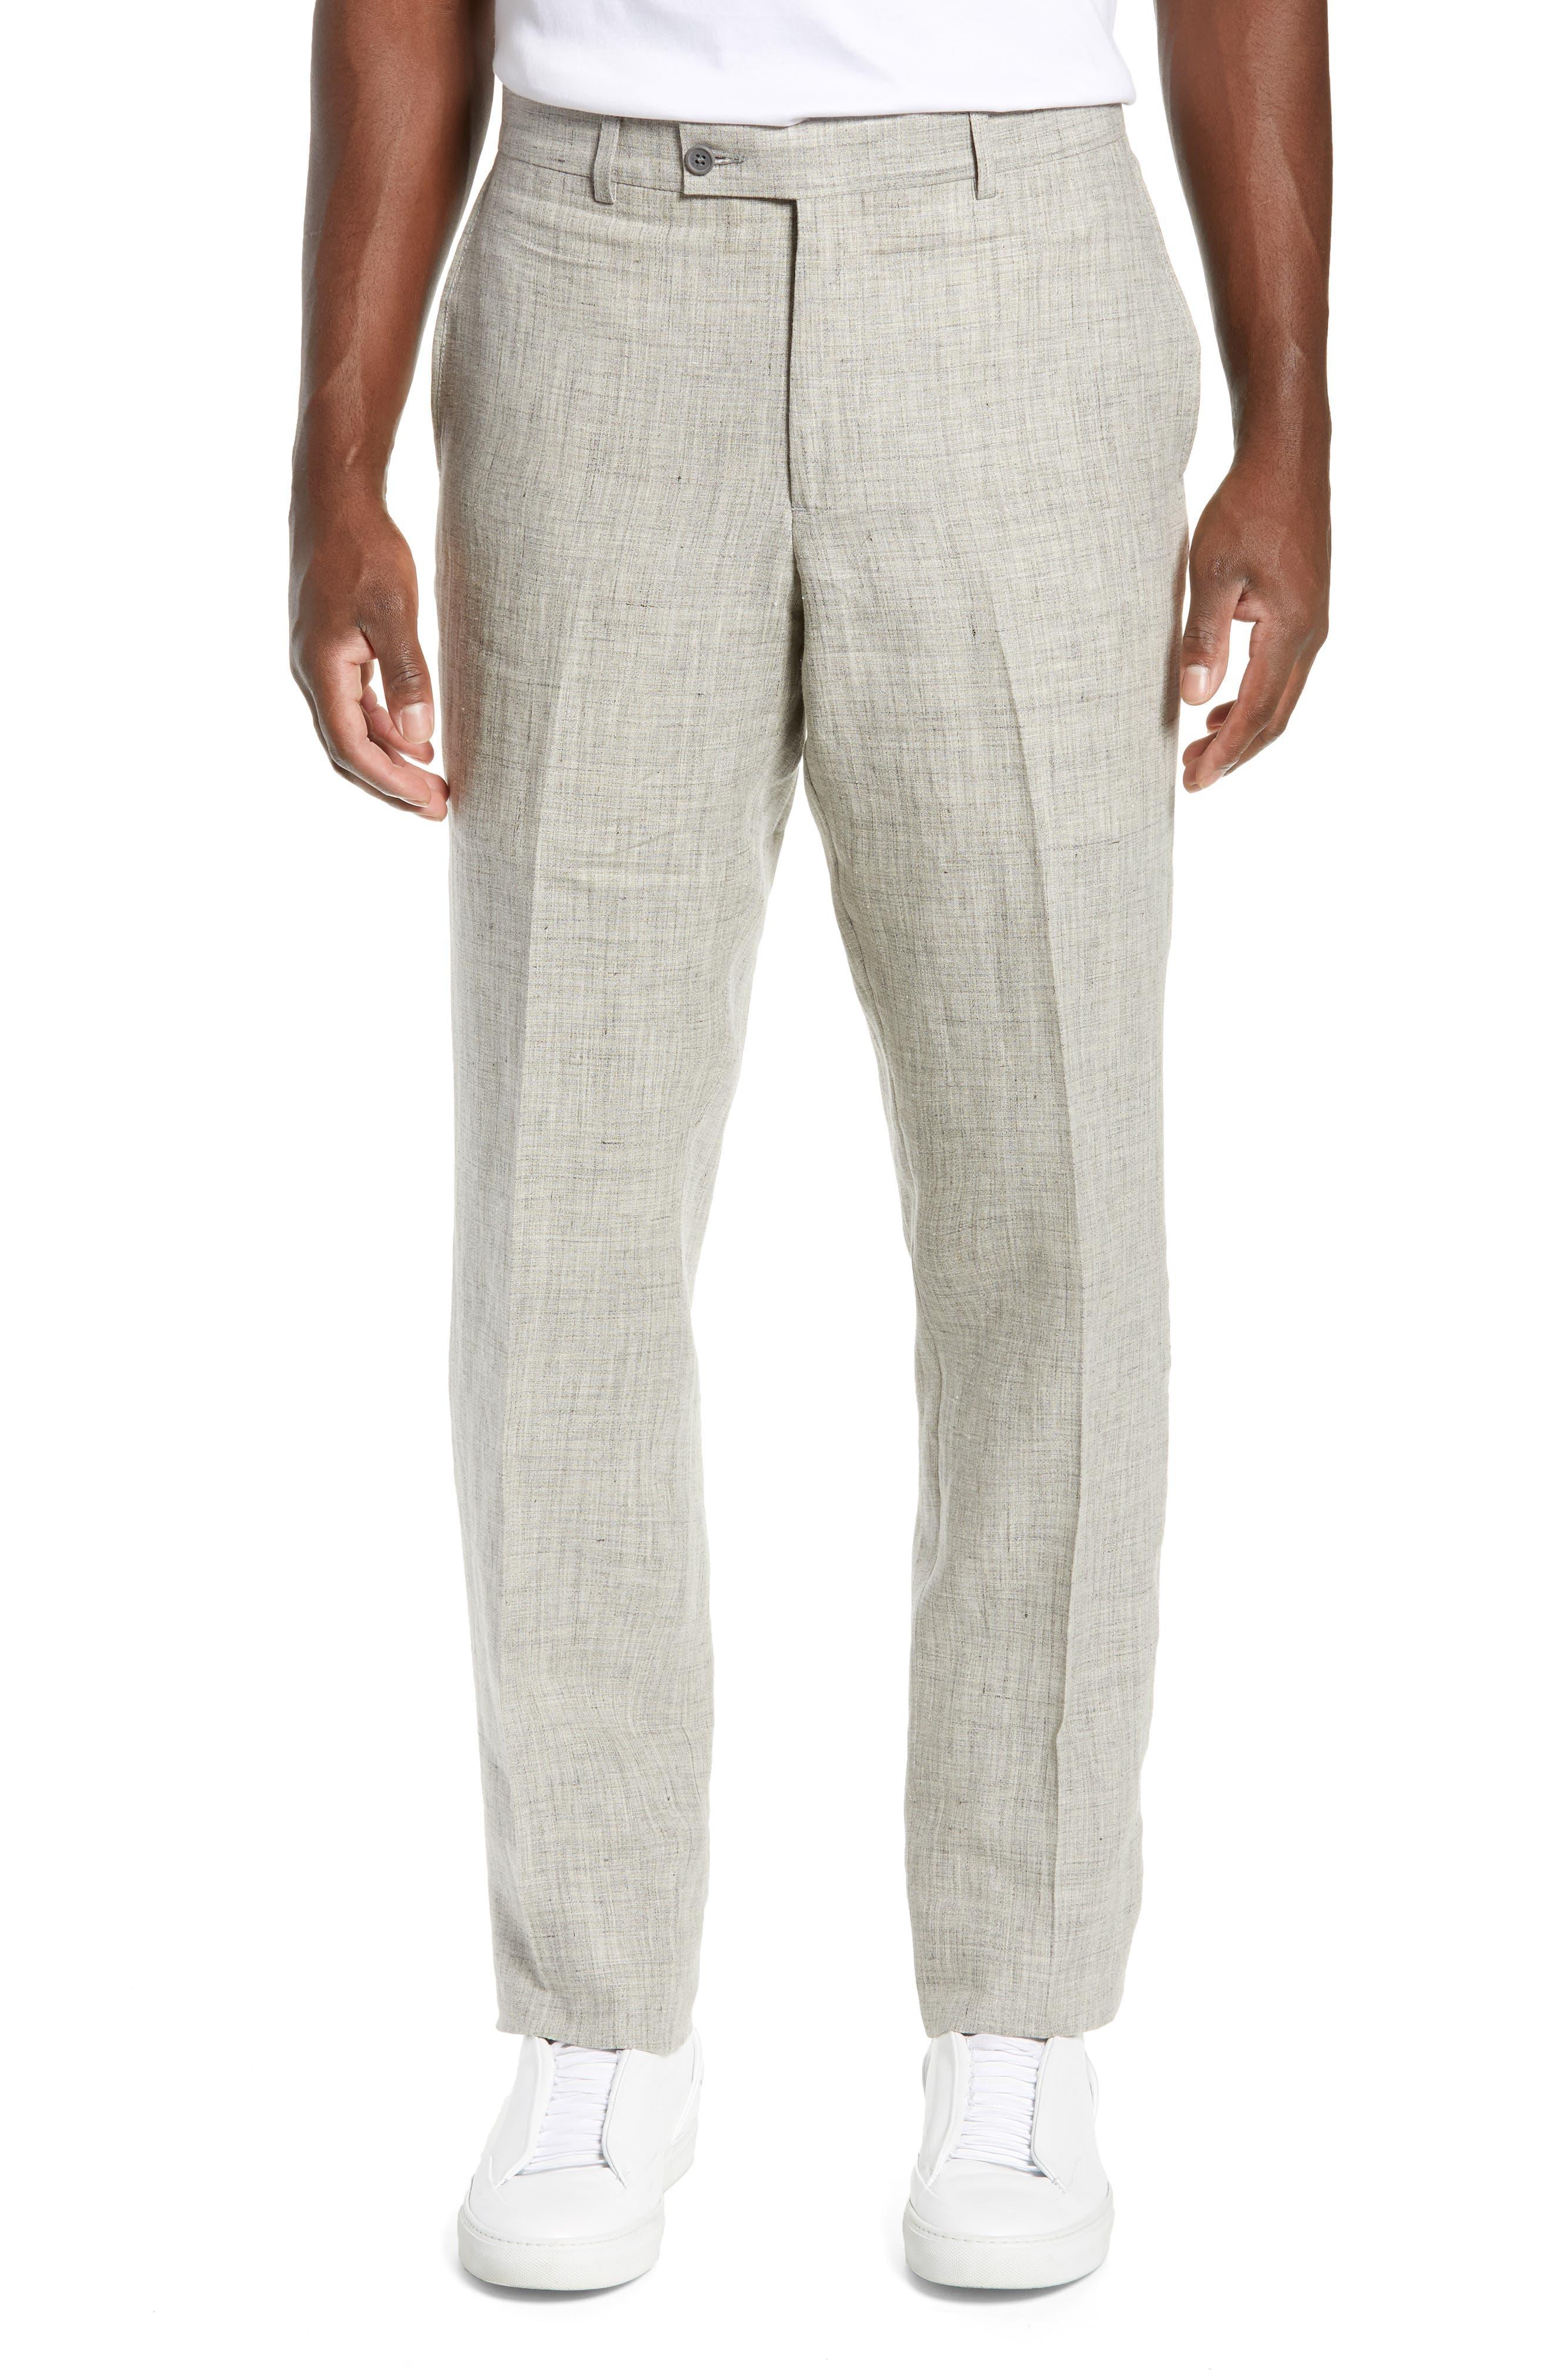 NORDSTROM MEN'S SHOP, Flat Front Mélange Linen Trousers, Main thumbnail 1, color, LIGHT GREY